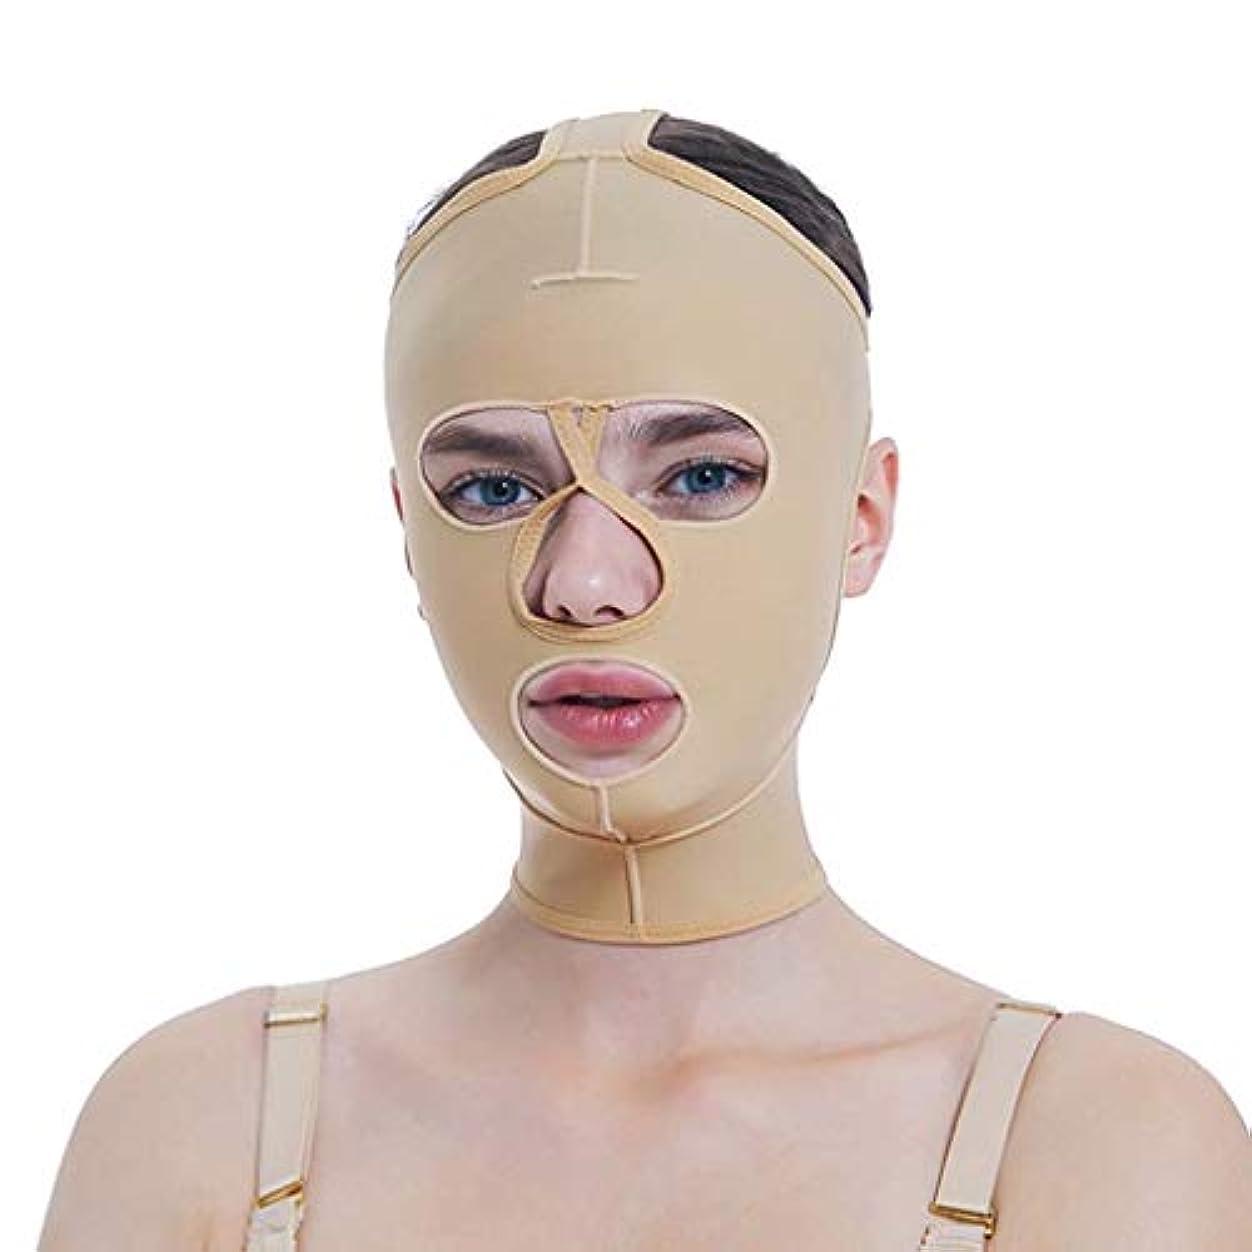 批判する神経時間脂肪吸引術用成形マスク、薄手かつらVフェイスビームフェイス弾性スリーブマルチサイズオプション(サイズ:S)